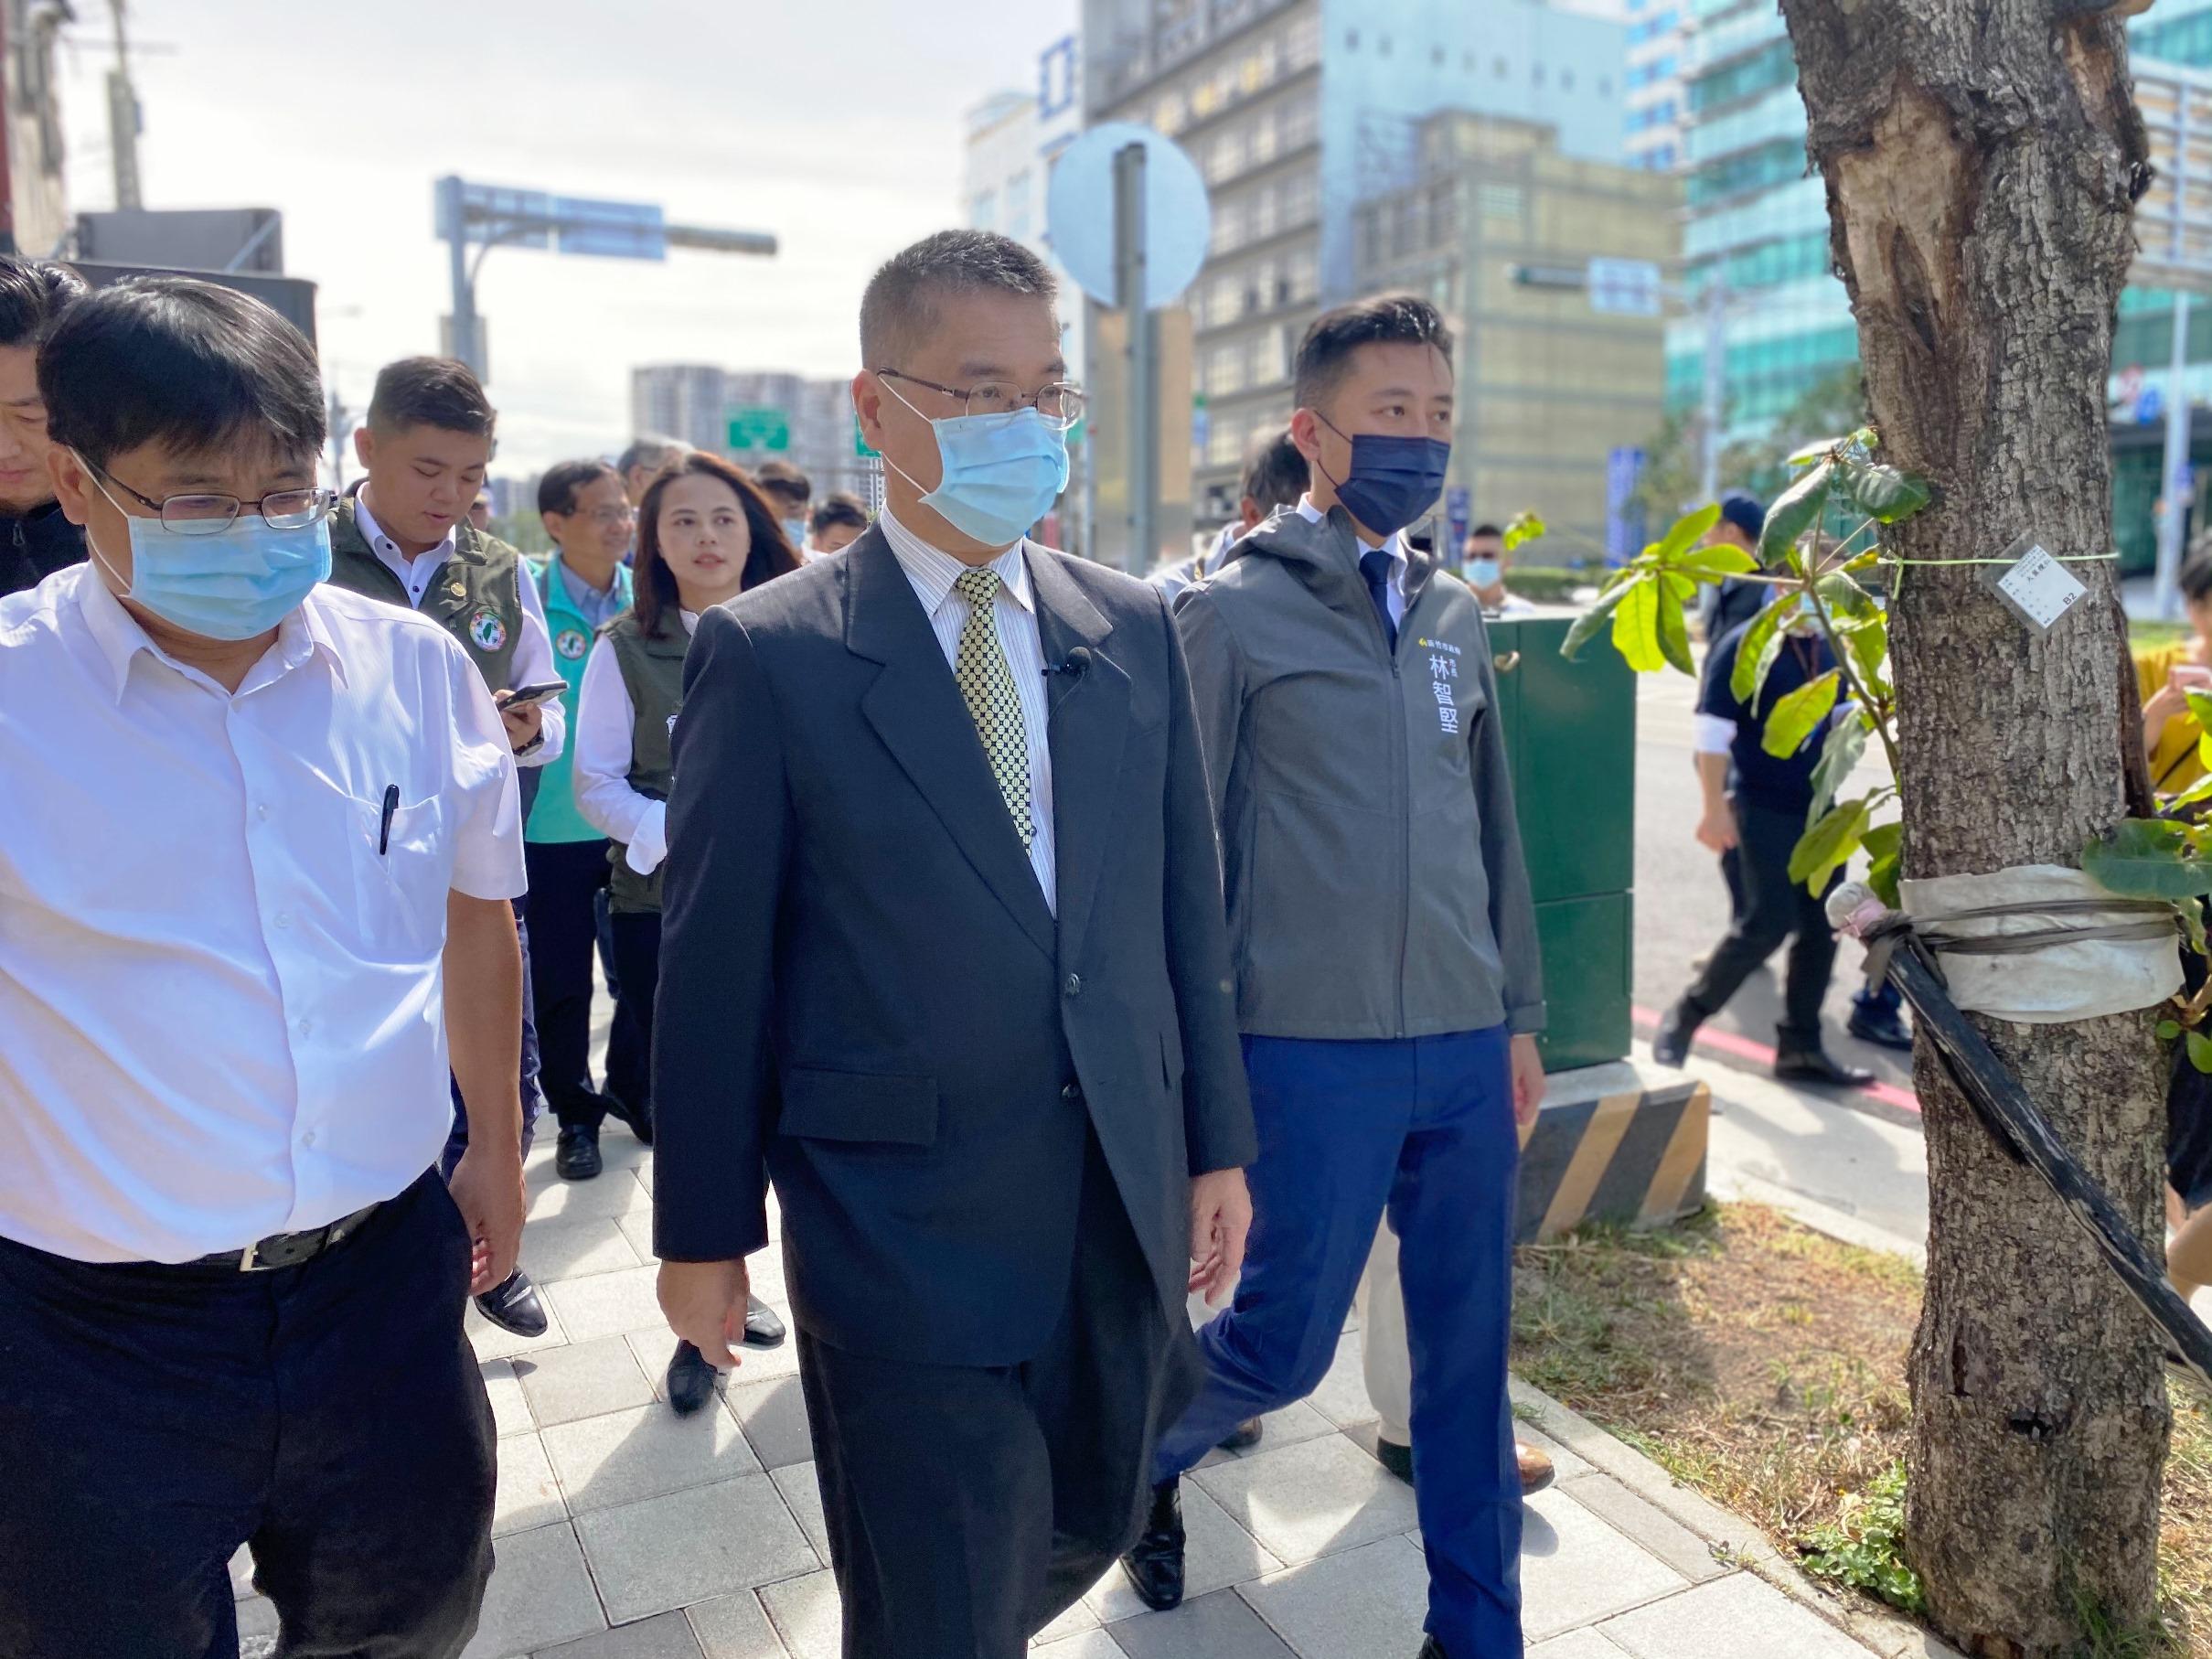 內政部長徐國勇在新竹市長林智堅陪同下,訪視新竹市公道五路人行空間改善工程1